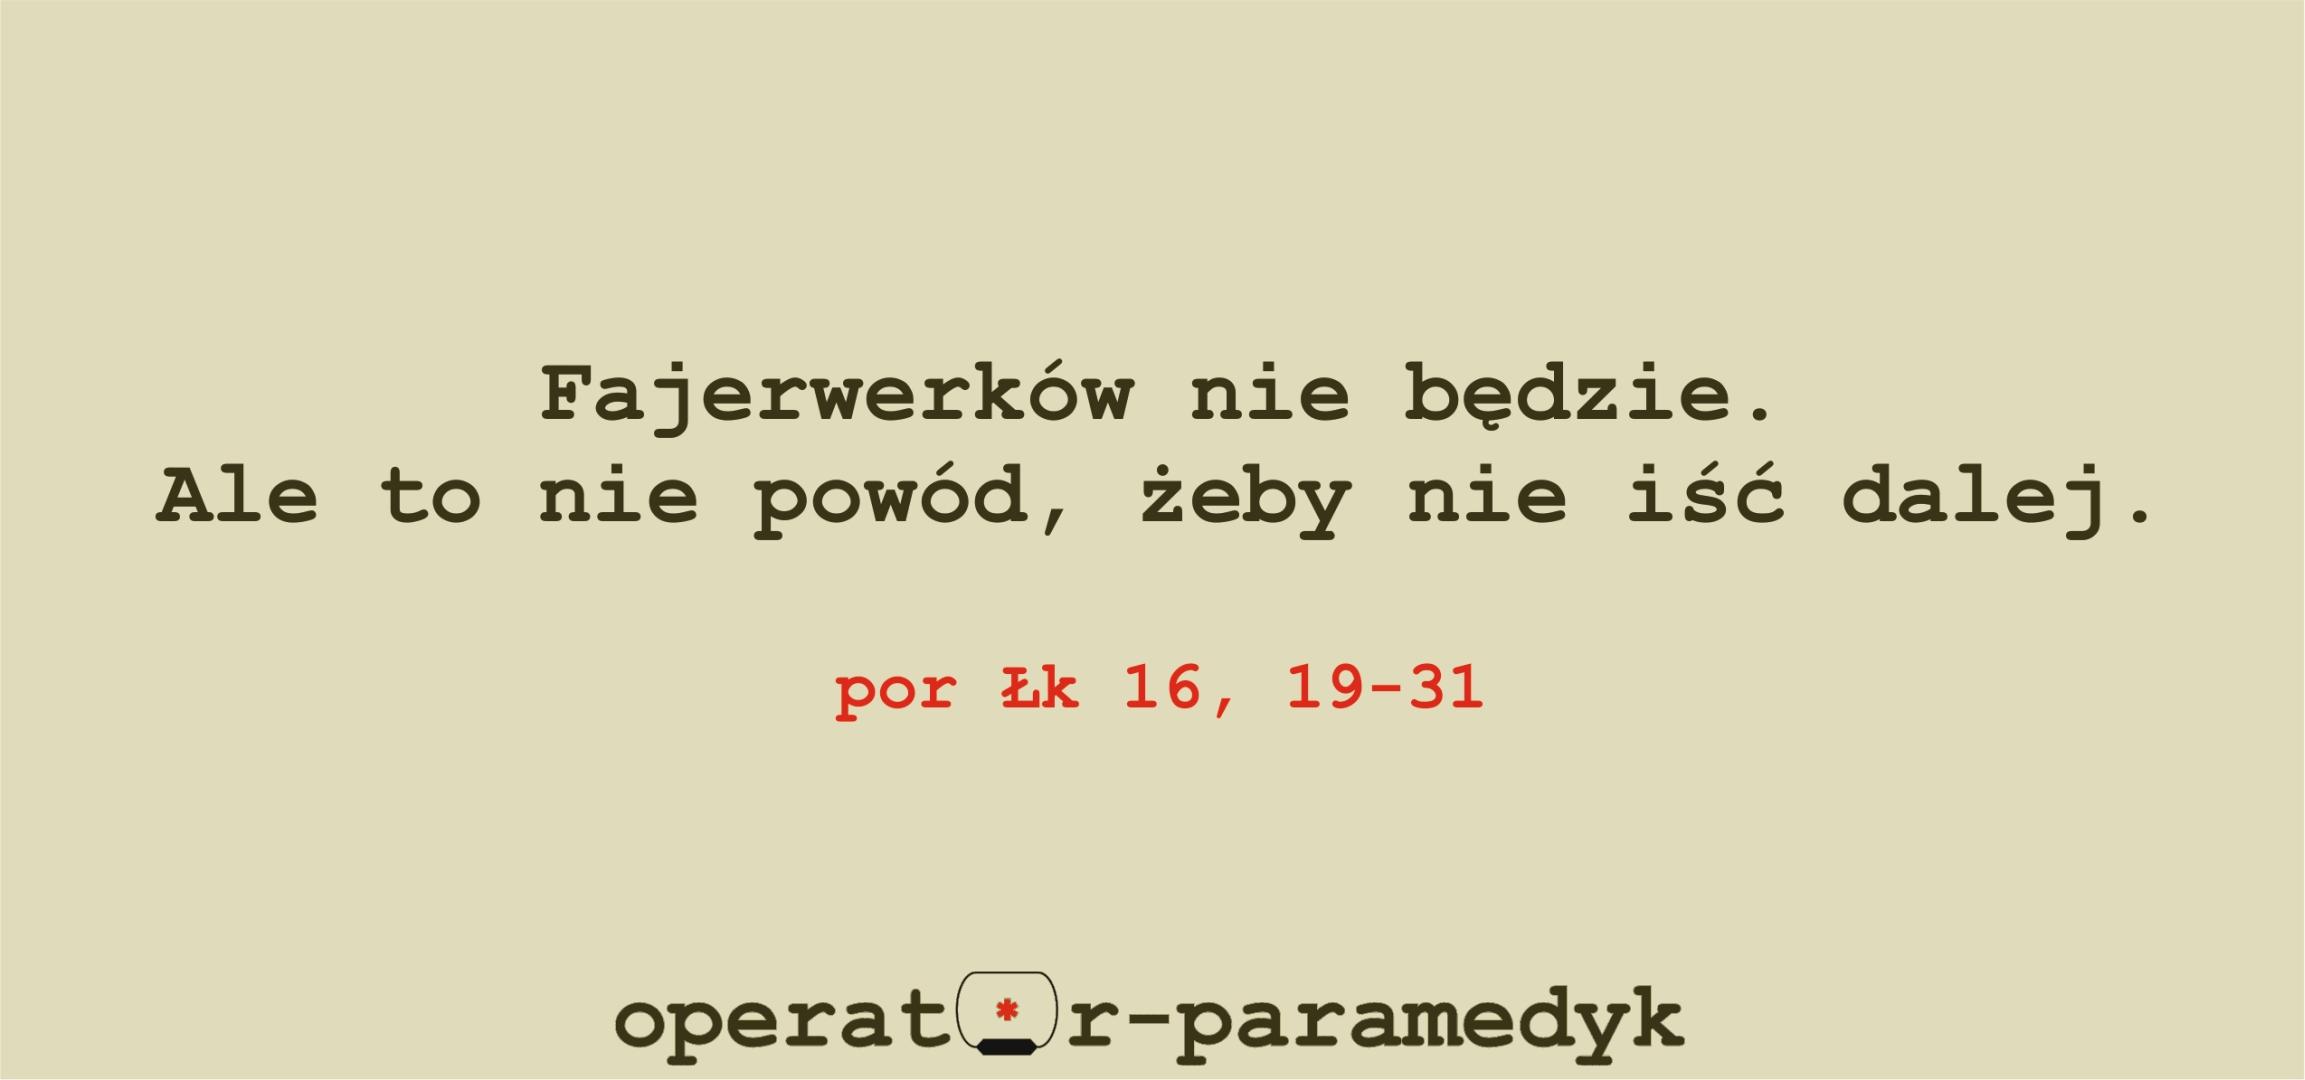 bez fajerwerków, Łk 16, 19-31, CC-BY-NC, operator-paramedyk.pl